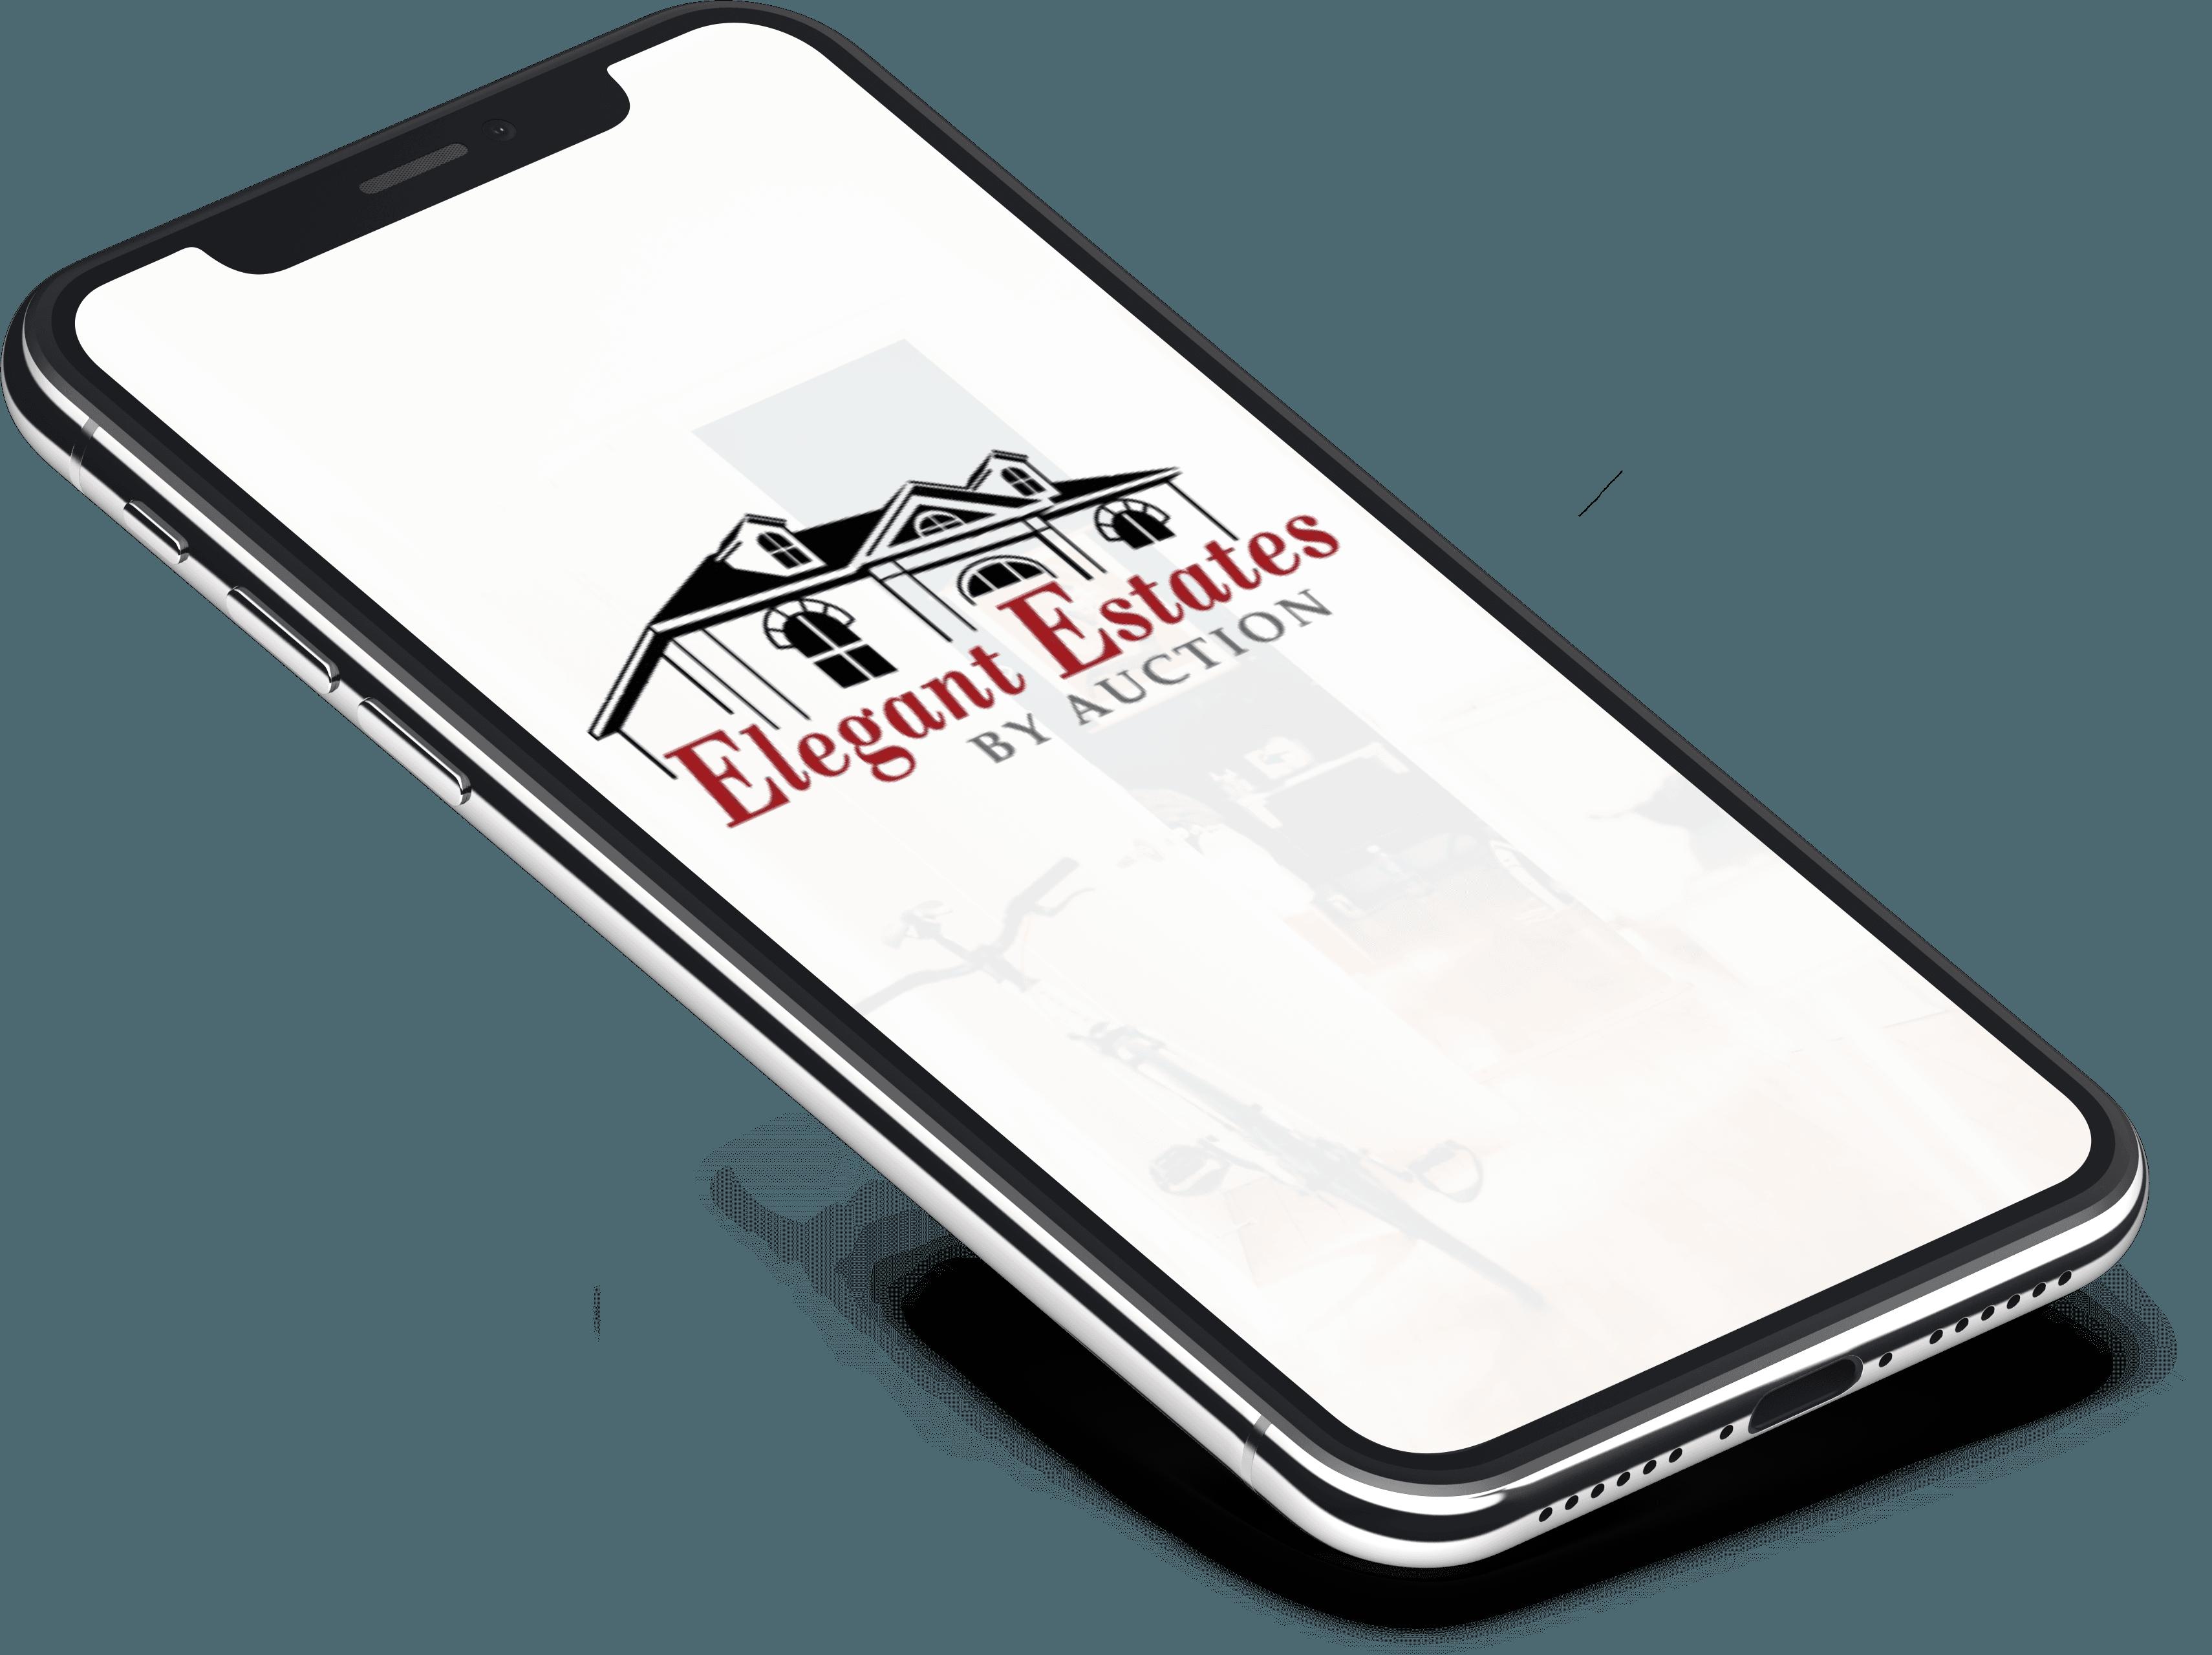 Elegant Estates by Auction